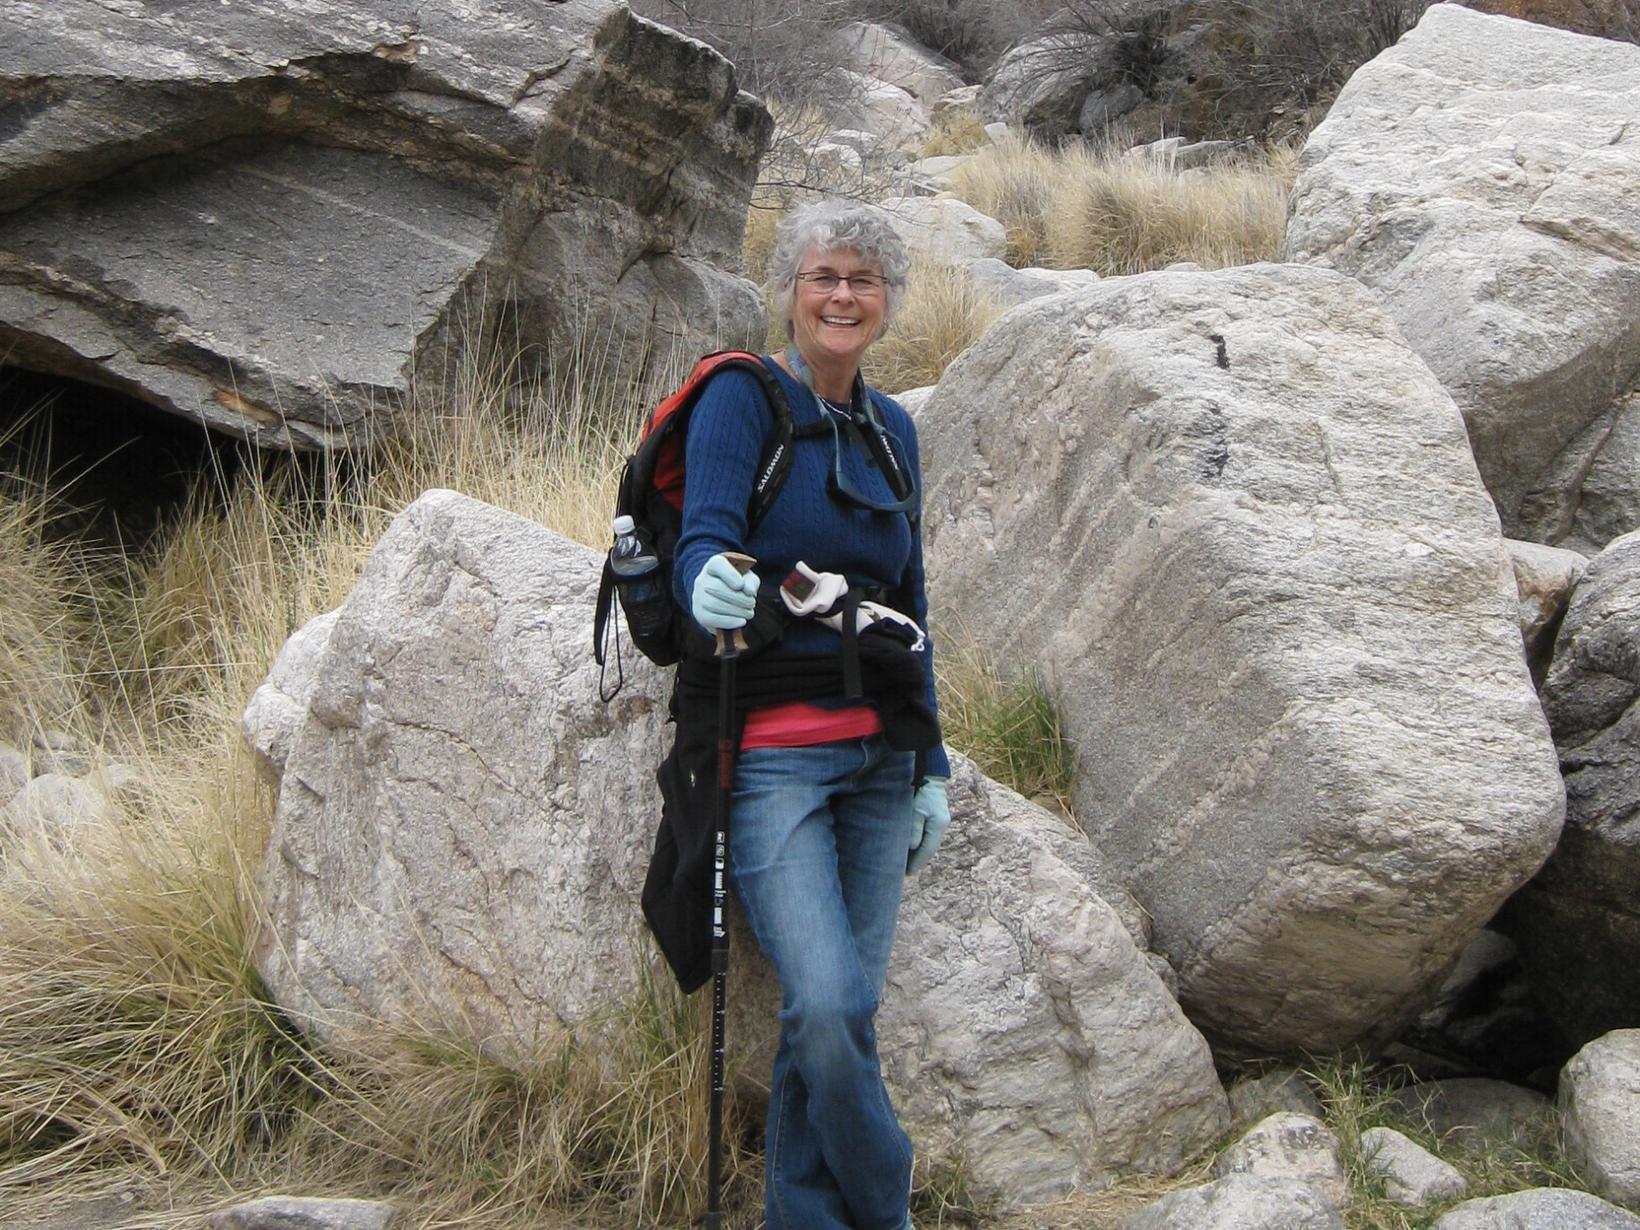 Loretta from Saint Cloud, Minnesota, United States